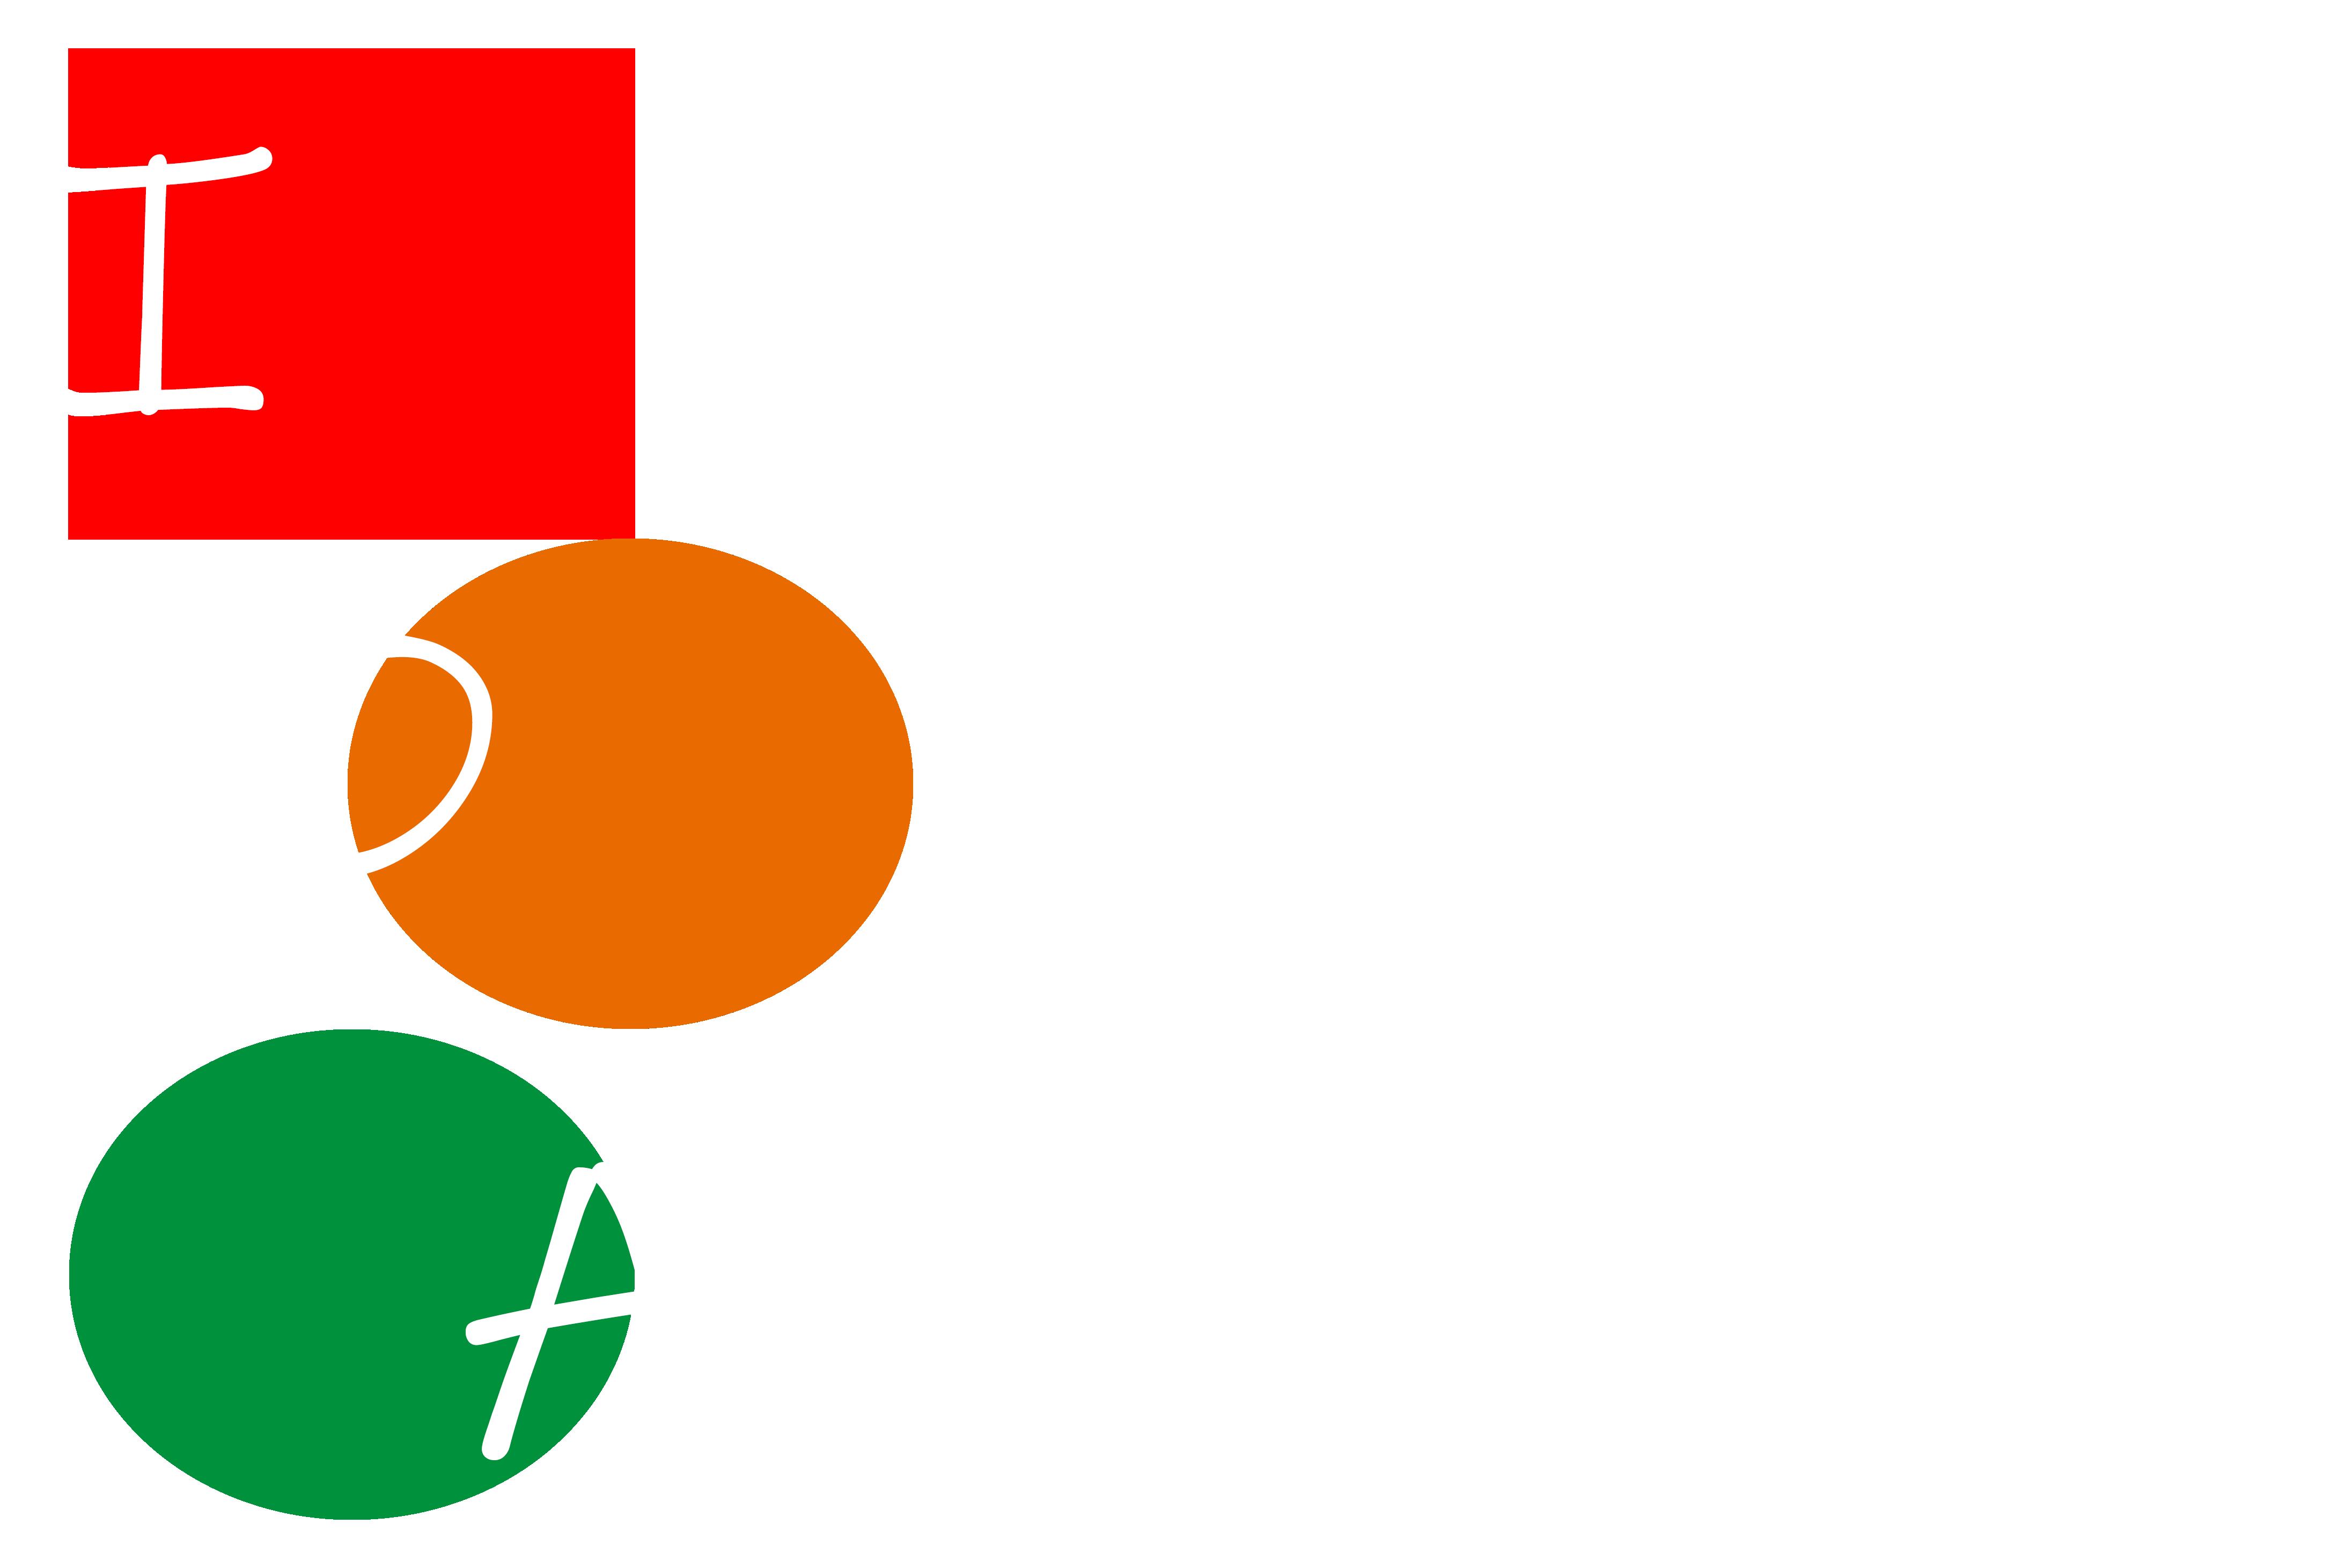 ZinotzPhotography